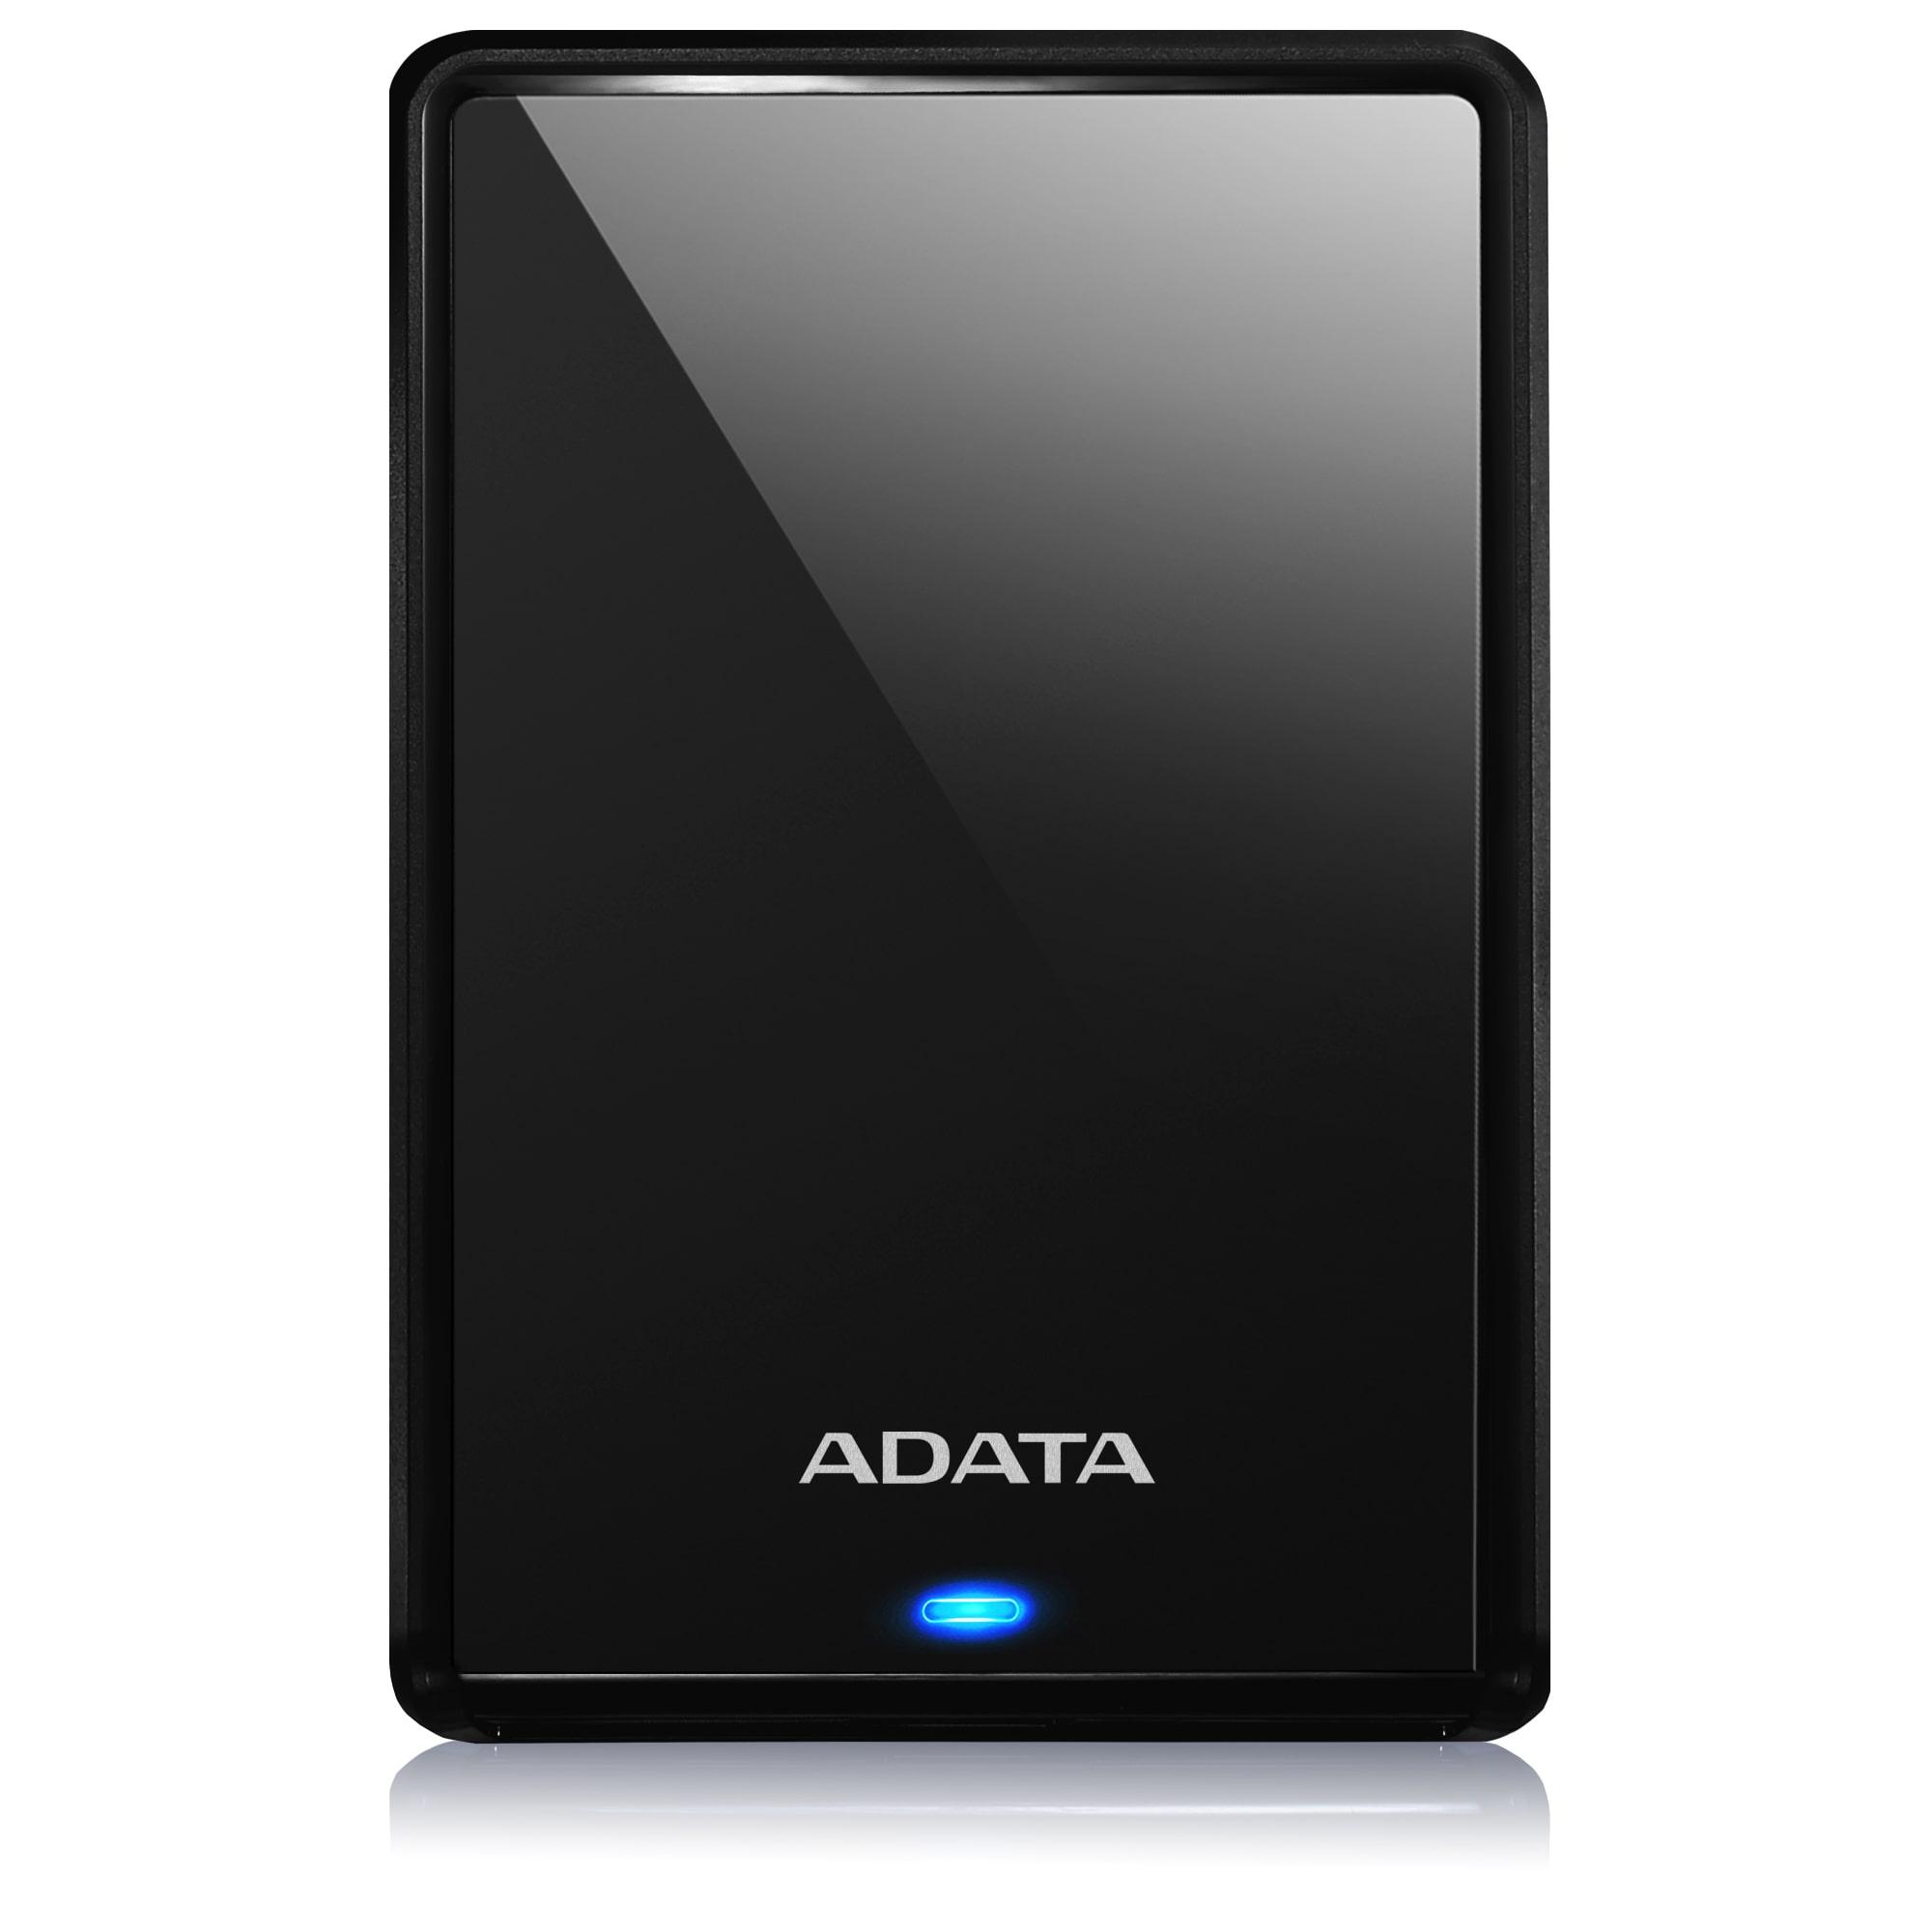 ADATA HV620S 1TB External 2.5